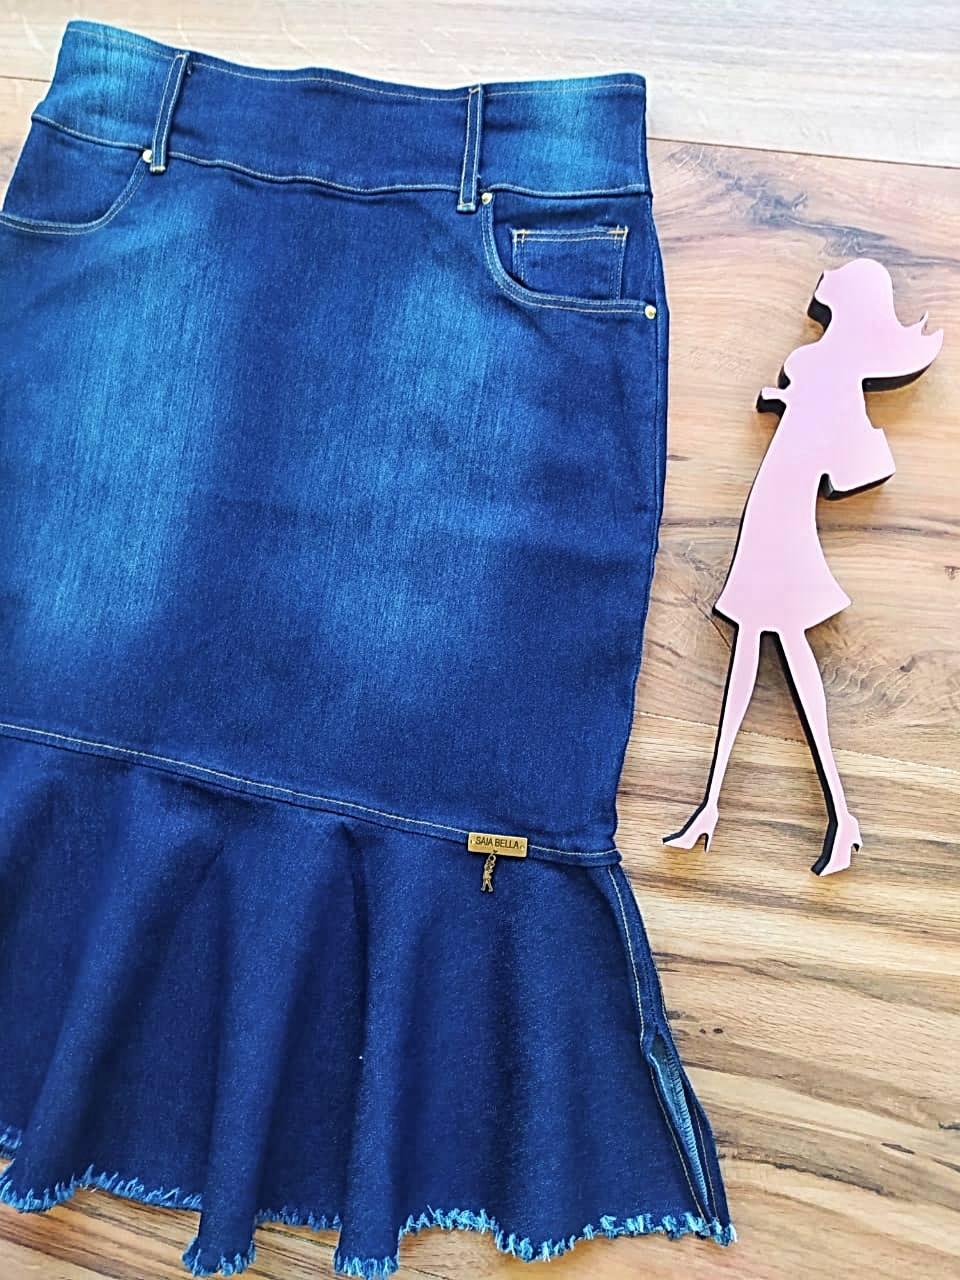 Saia Jeans Cassia  SB121 escuro